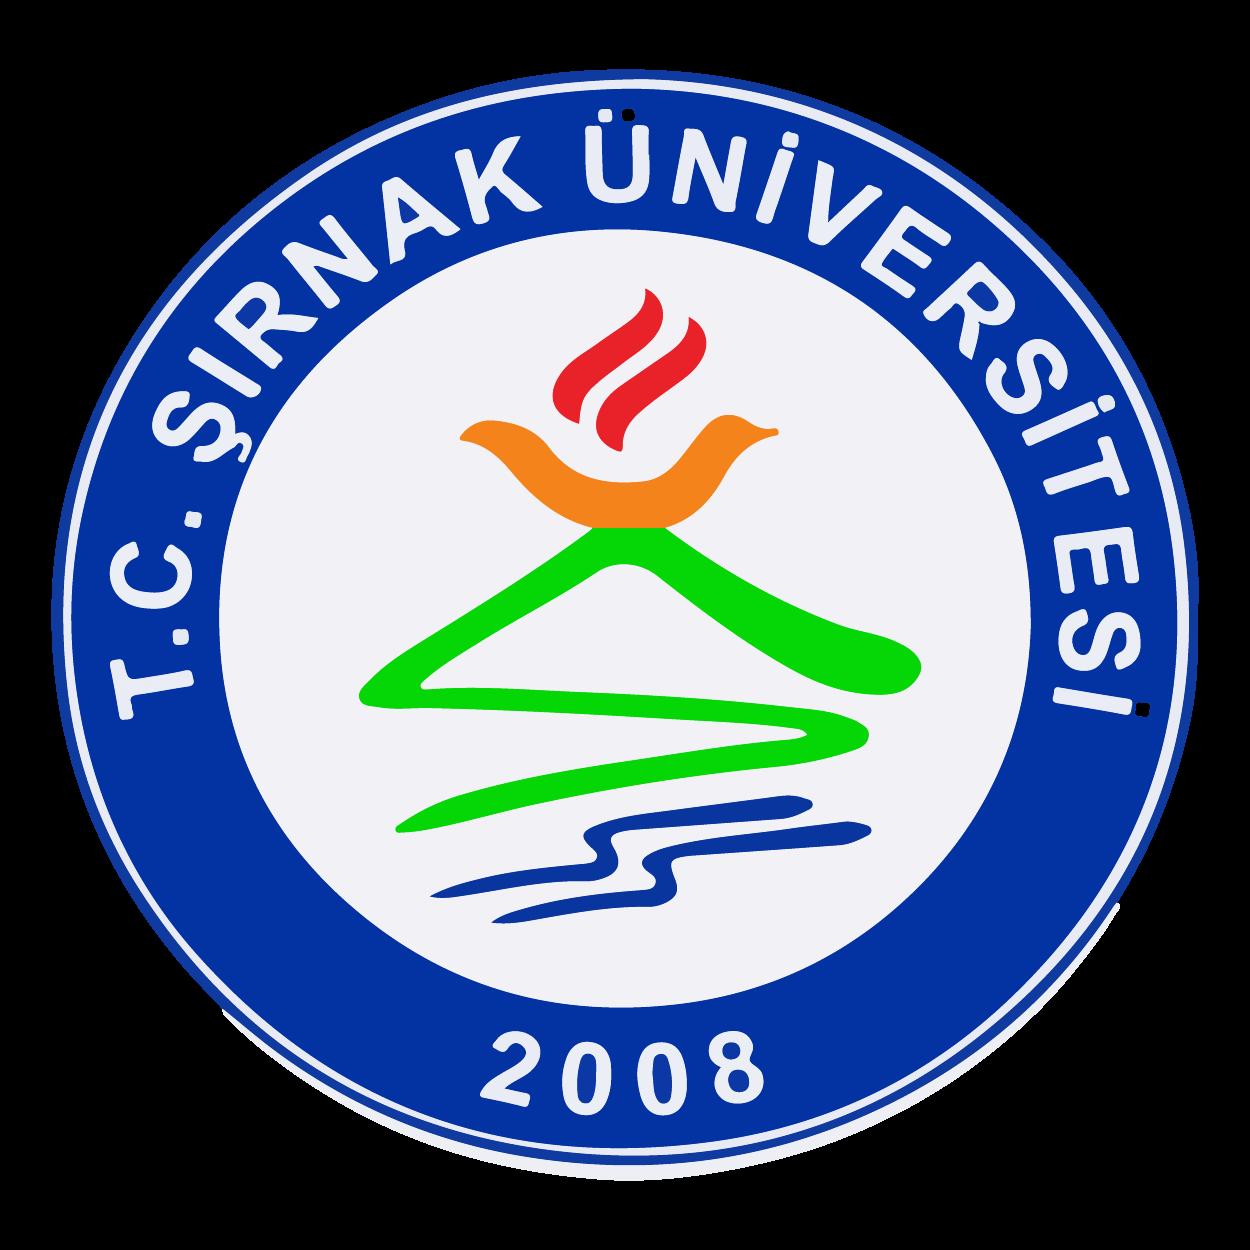 Şırnak Üniversitesi Logo png